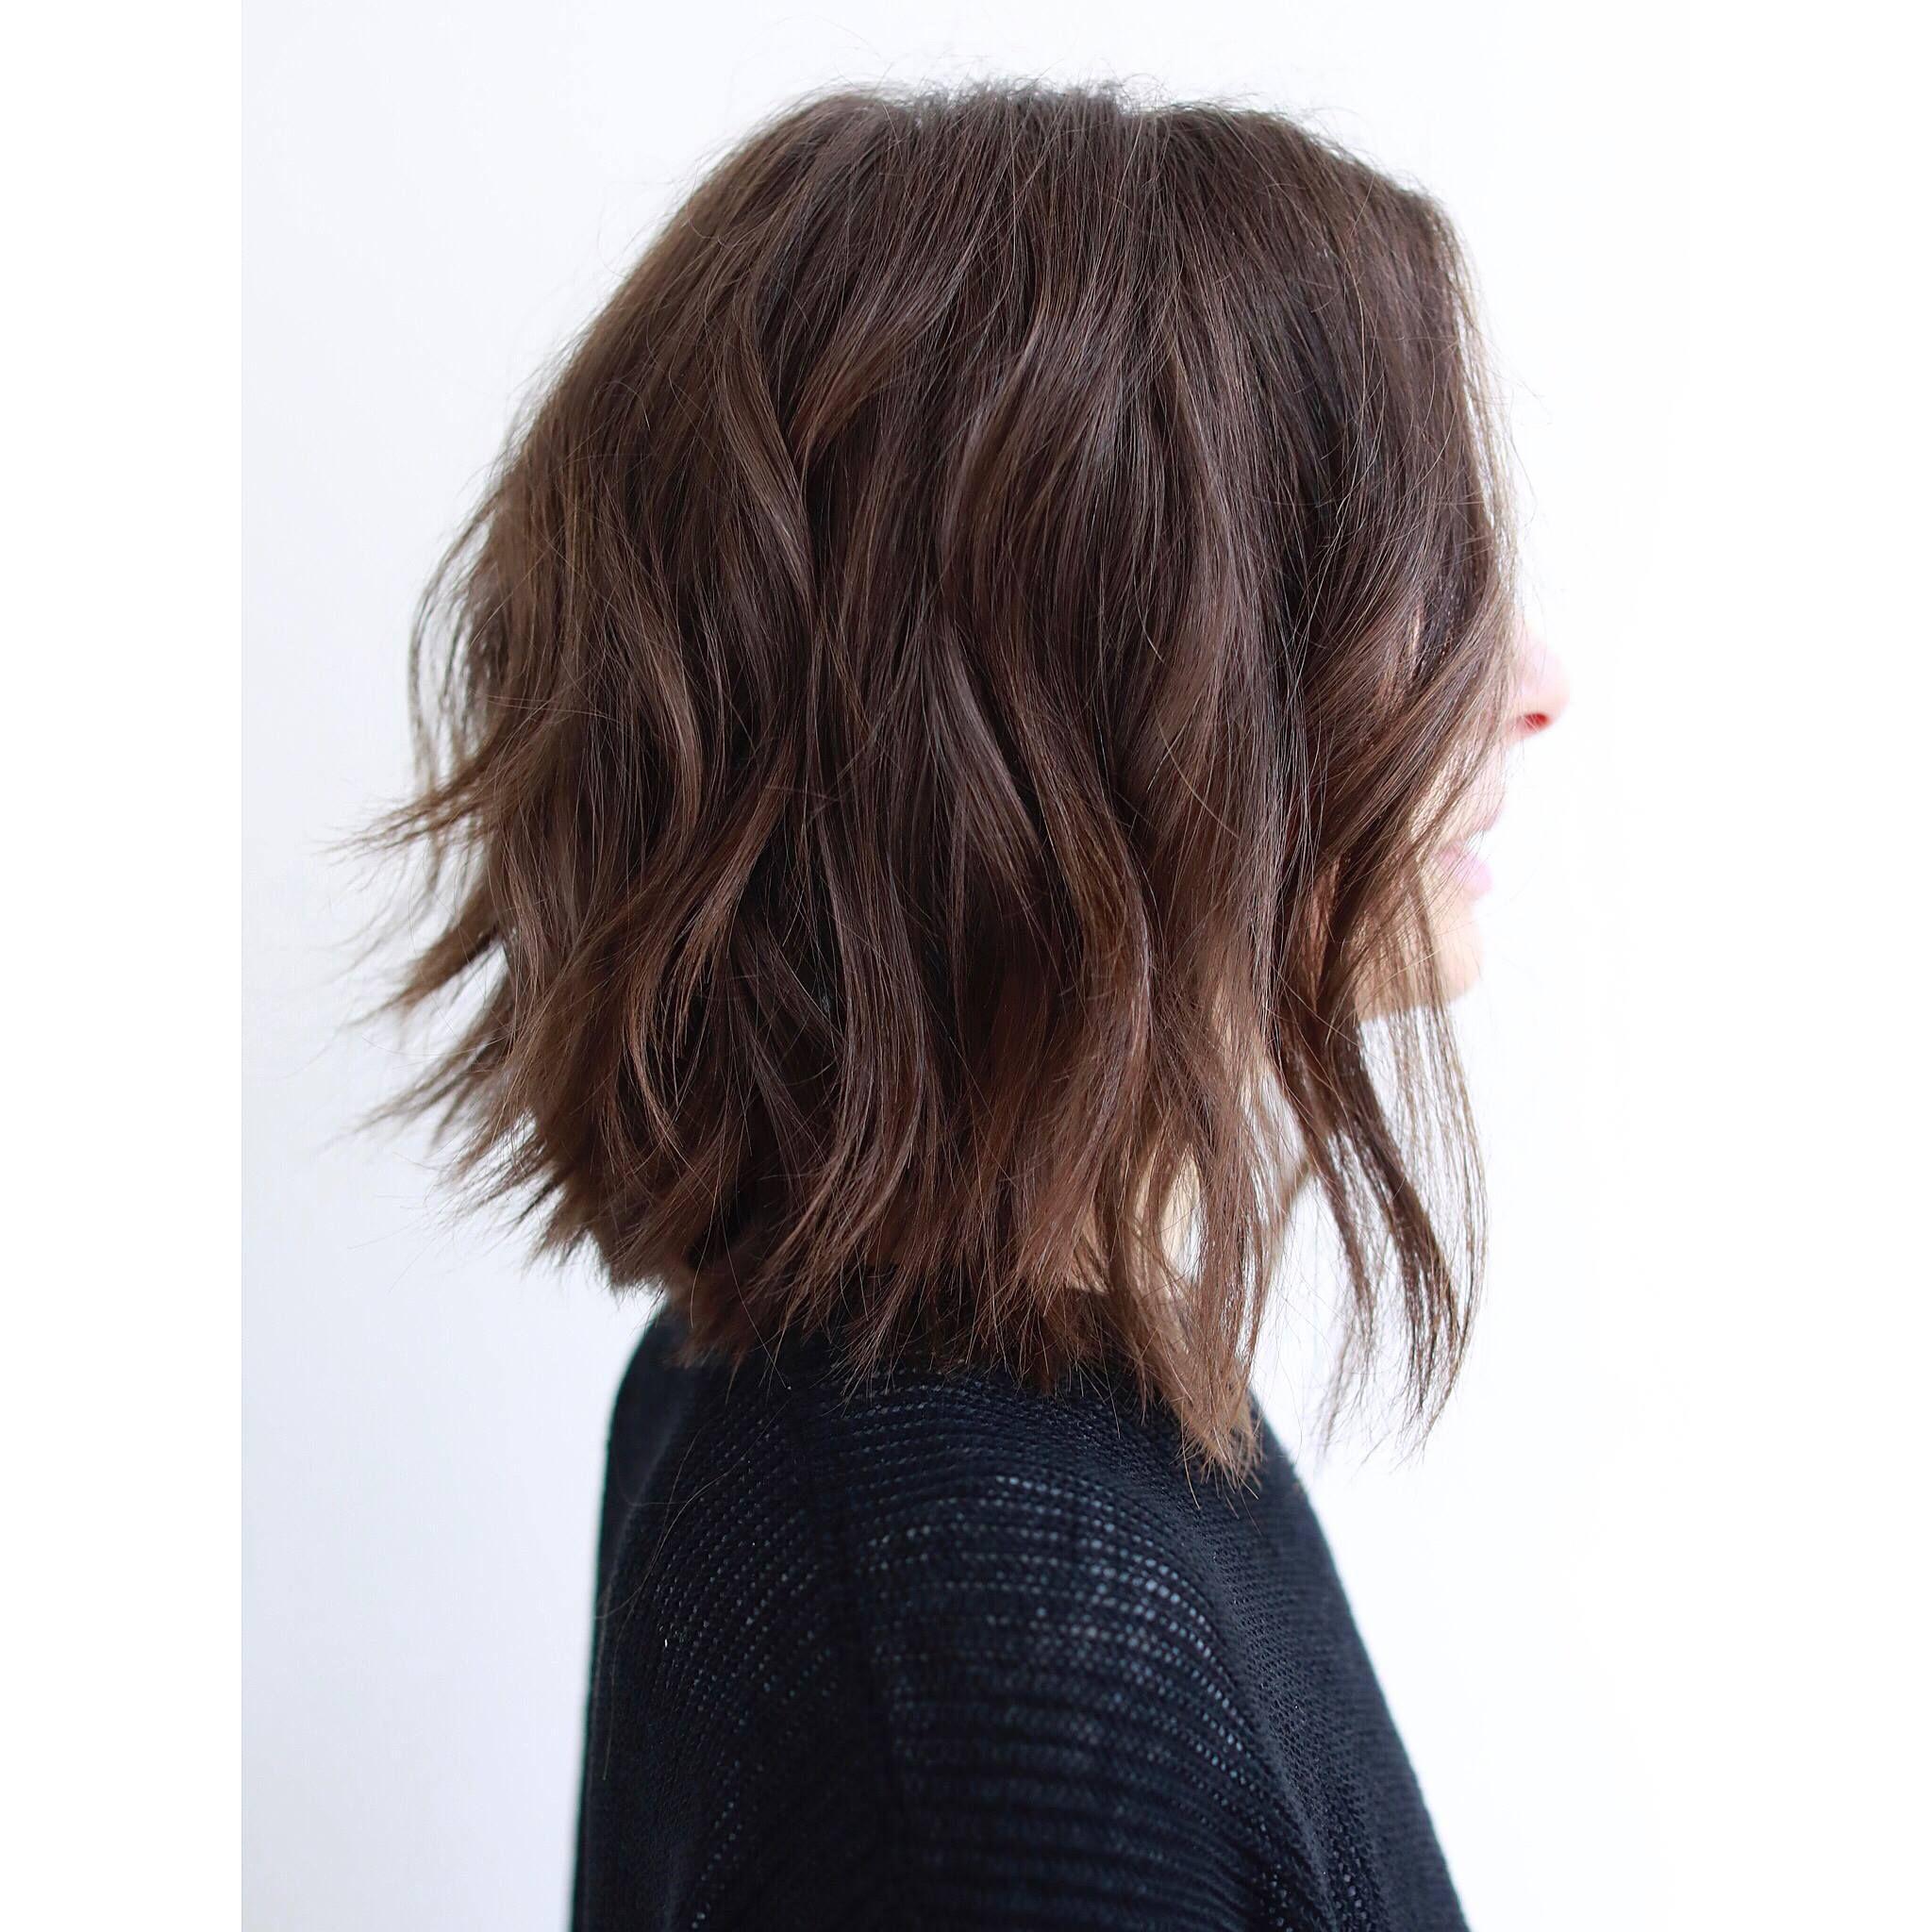 дублине каре на длинные волнистые волосы фото нас станичке